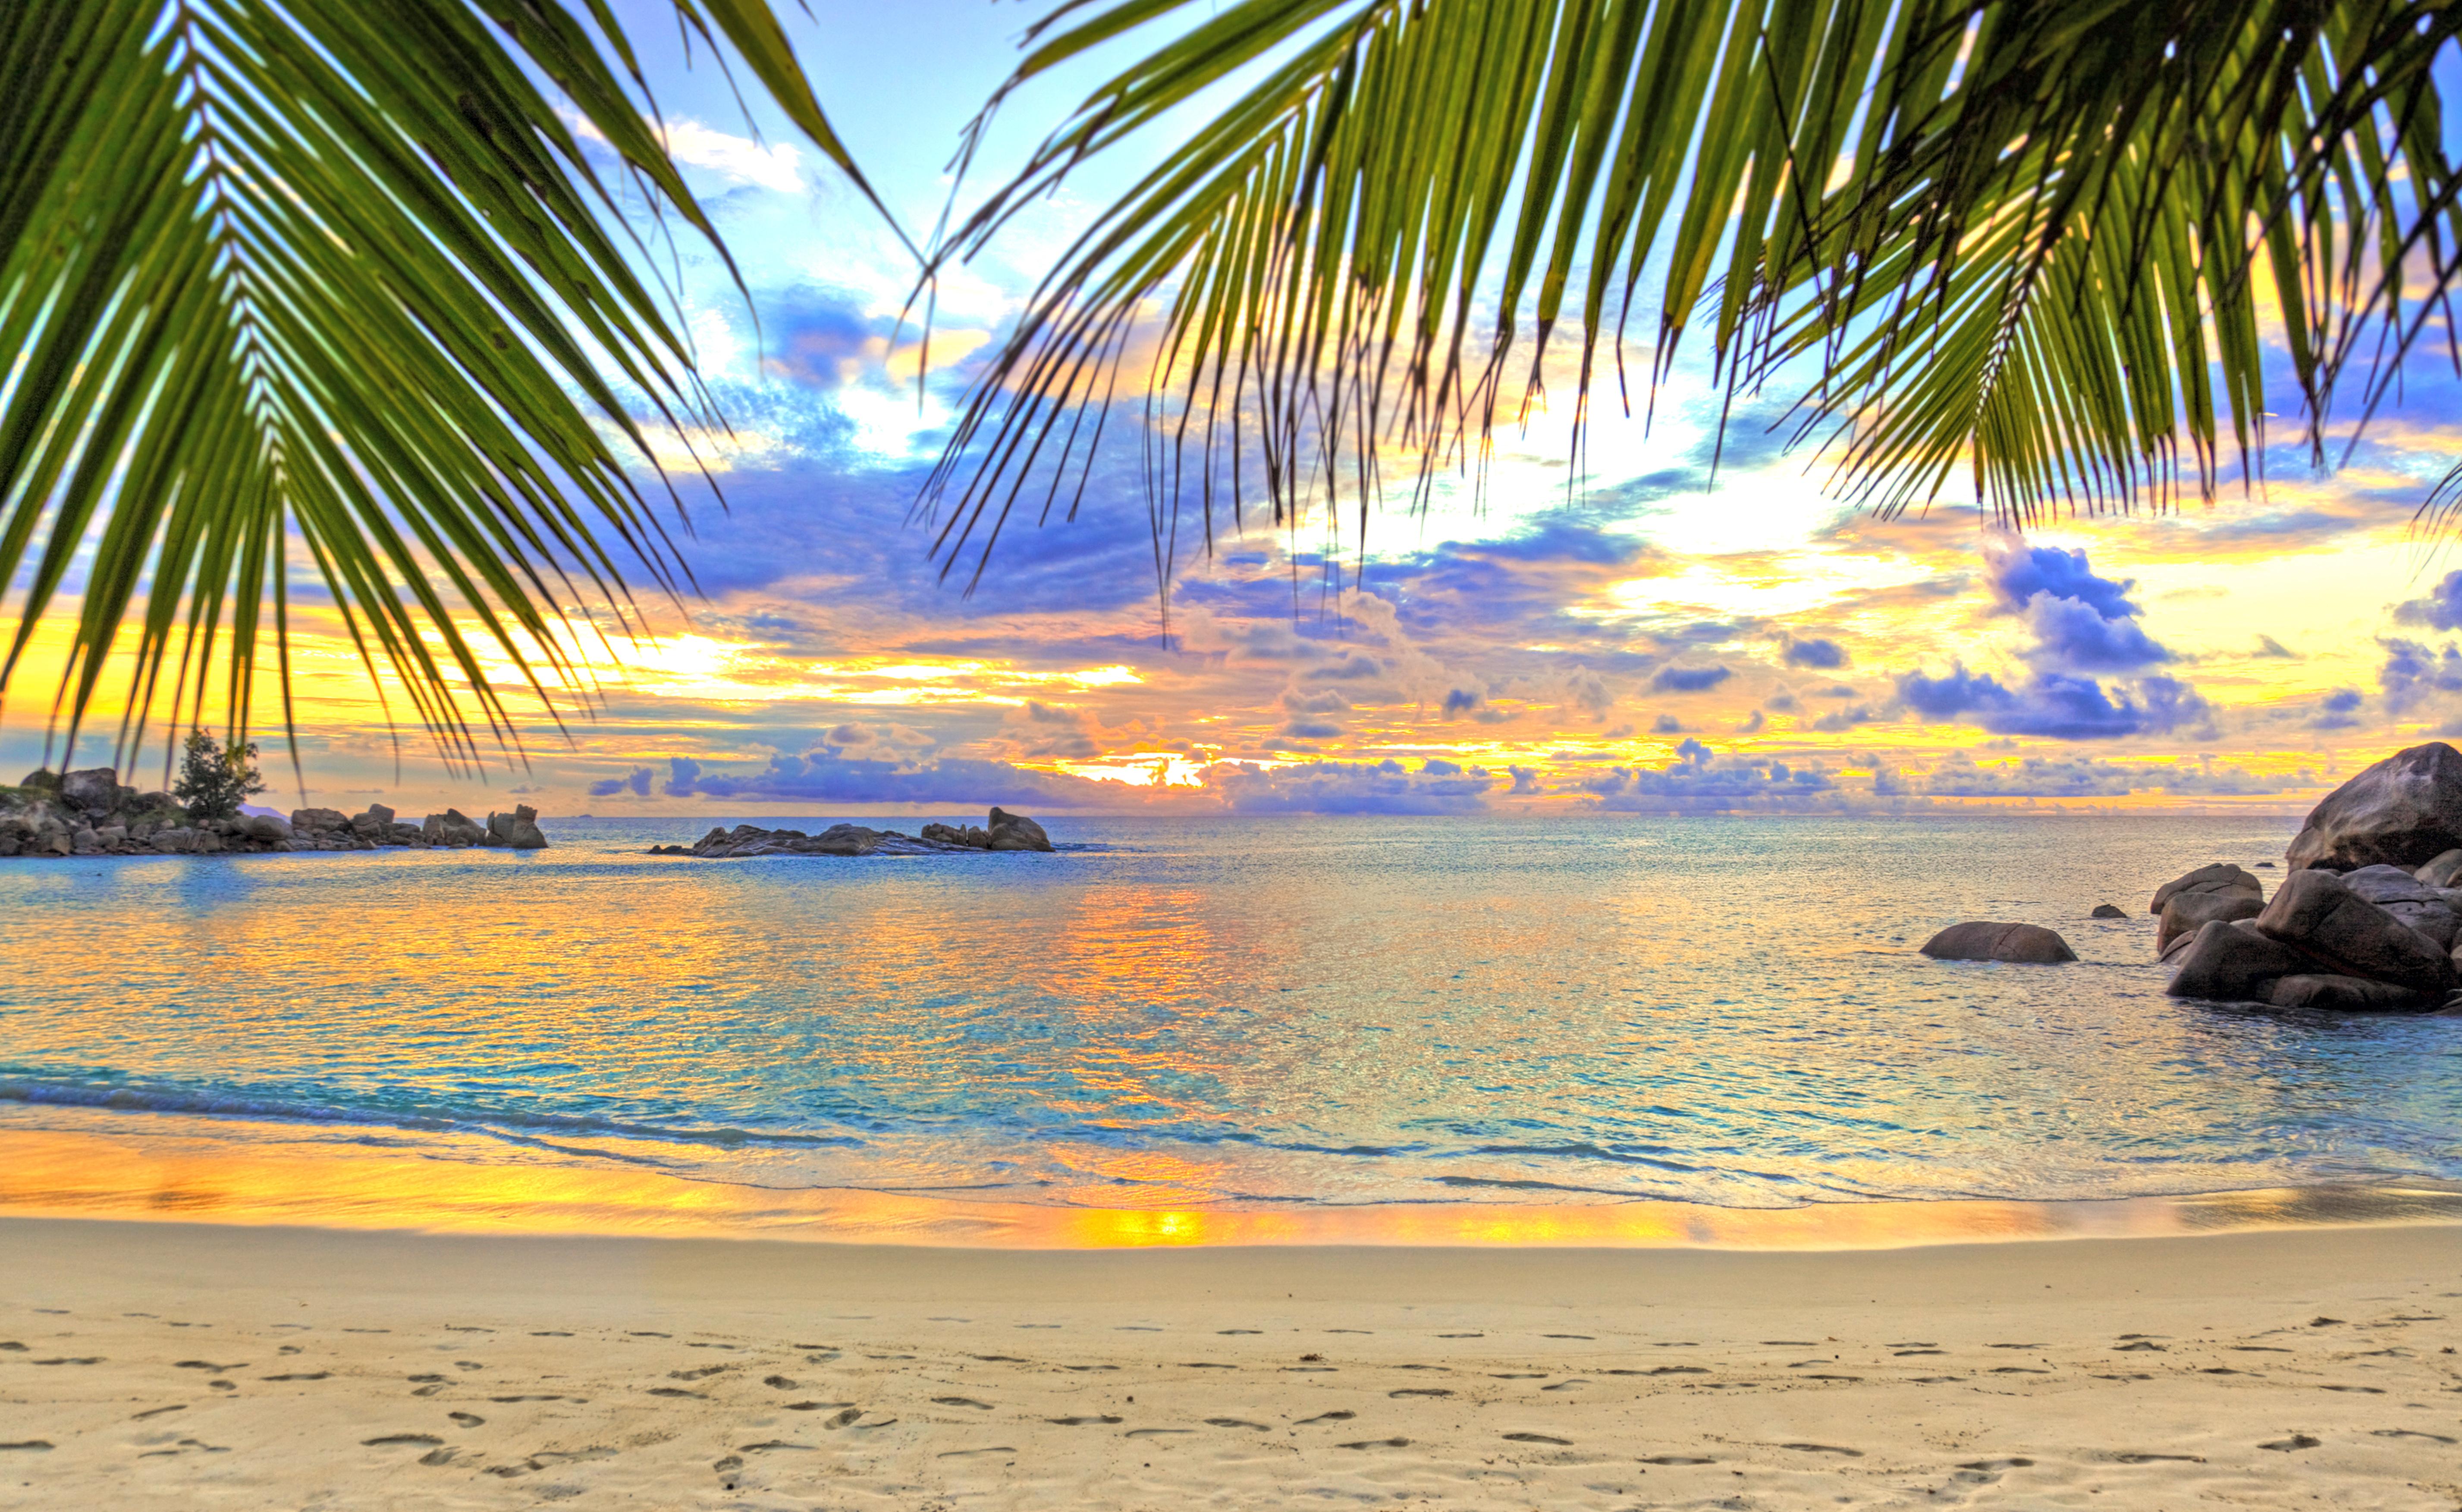 Море песок пляж пальмы  № 3898039  скачать